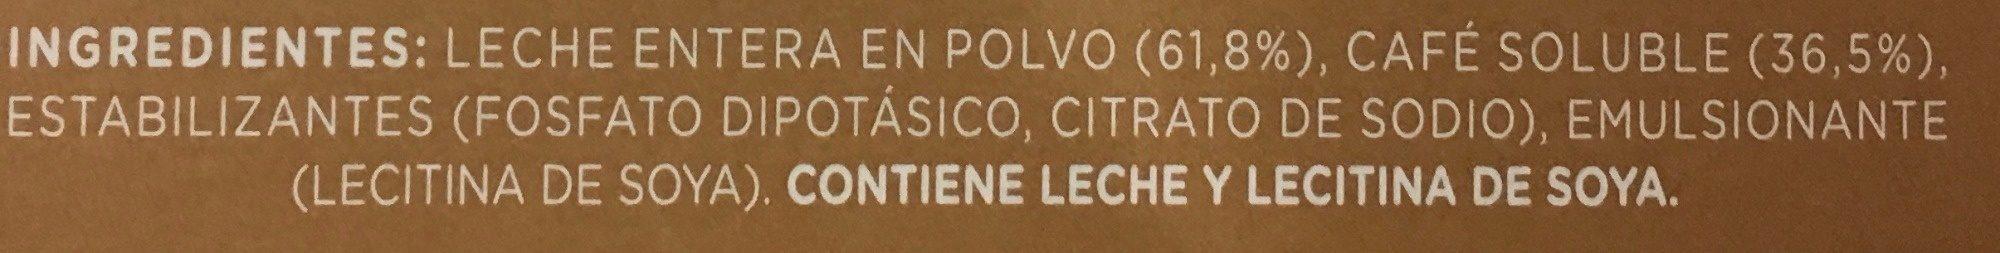 Dolce Gusto cortado espresso macchiato - Ingredients - es